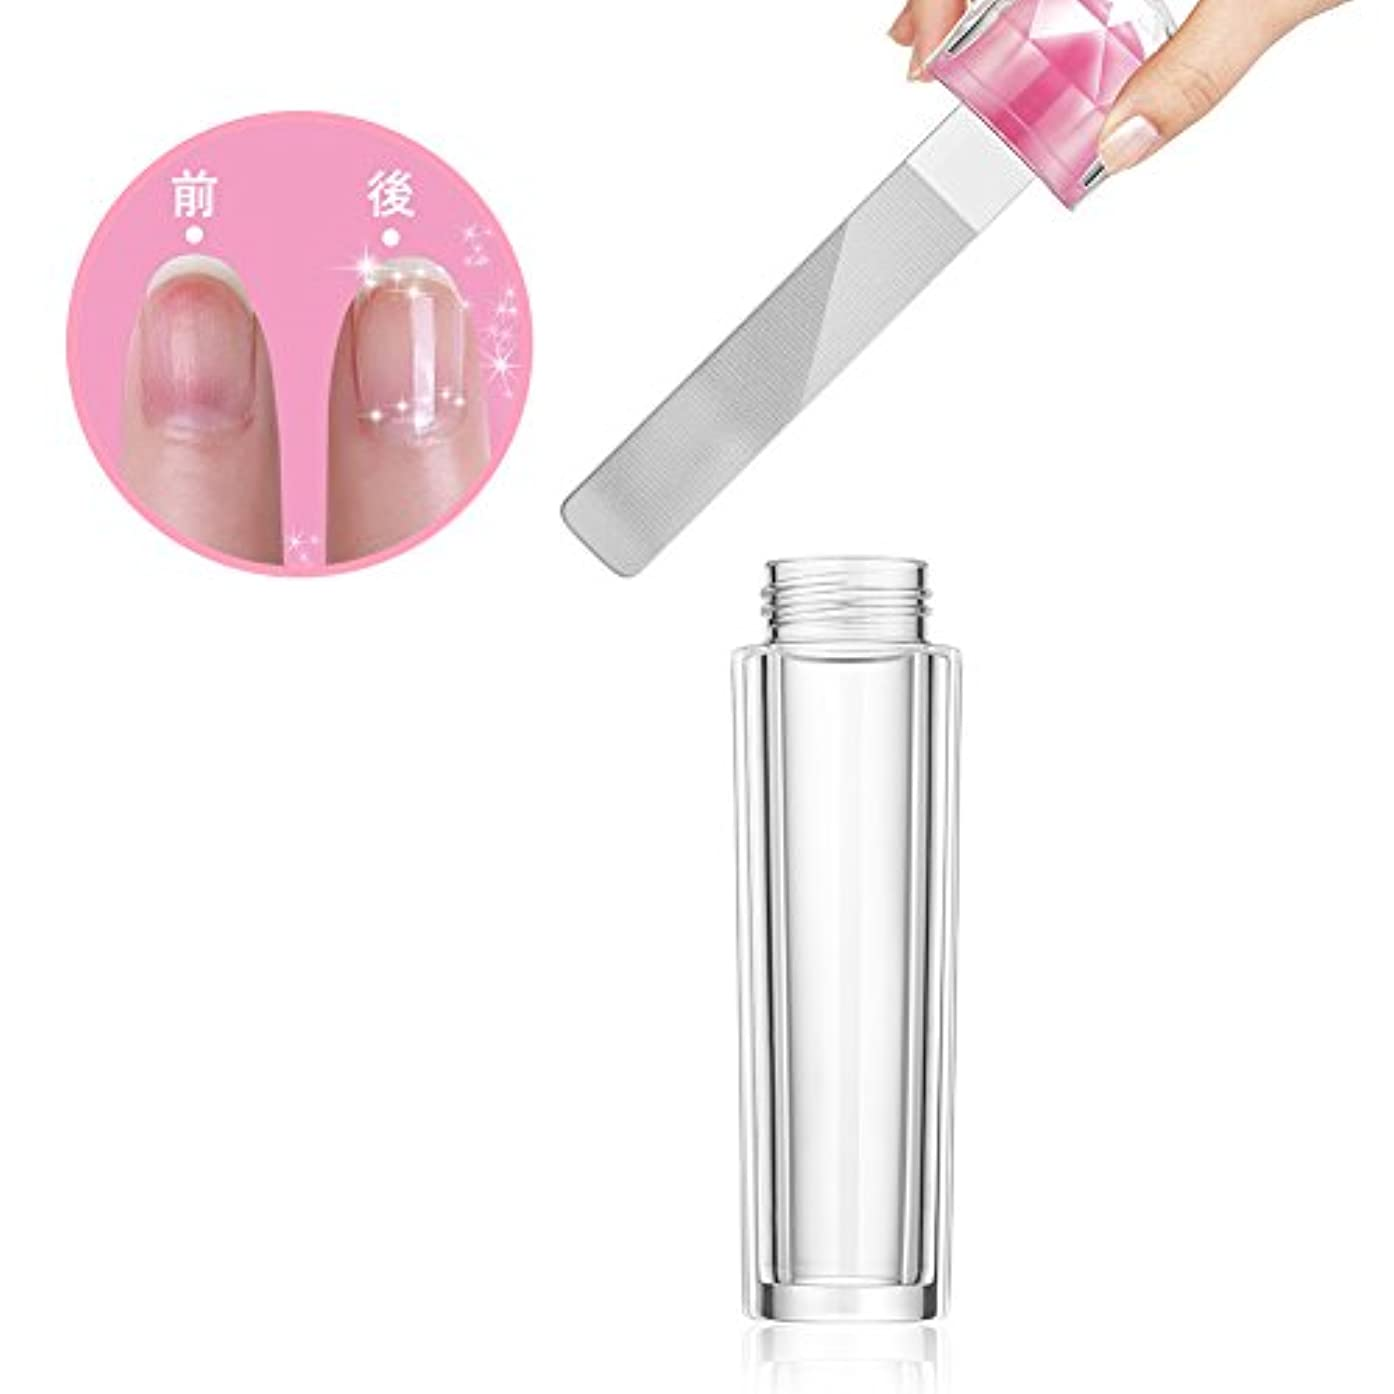 光沢主流ミュートガラス製 爪やすり 爪磨き ネイルケア ケース付き ネイルシャイナー ネイルケア (1個) (1個)